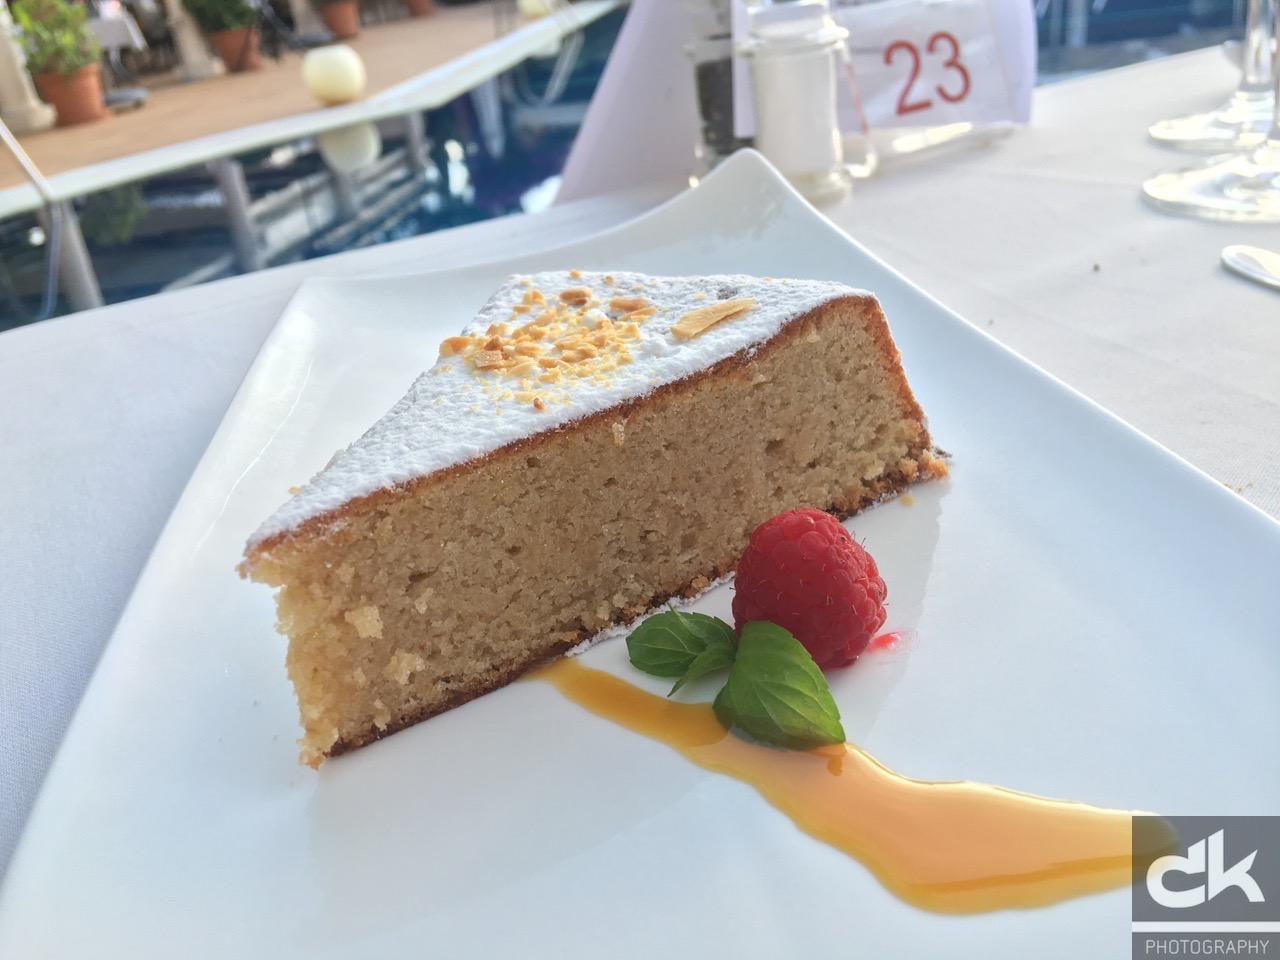 Der Mandelkuchen - ein typisches Mallorca-Dessert